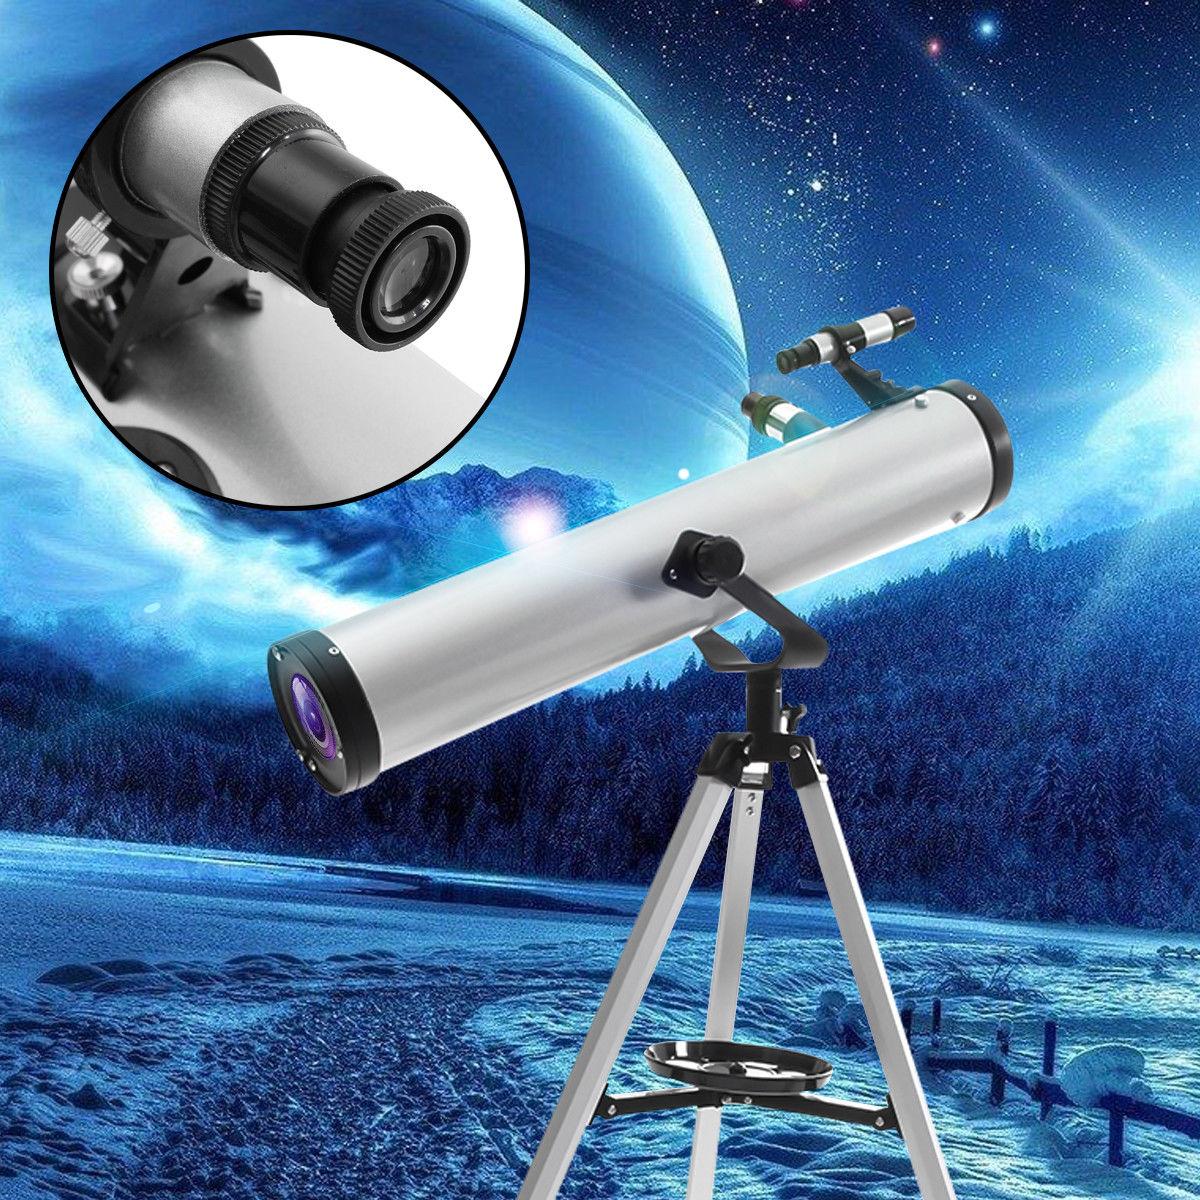 F70076M Kính thiên văn cao cấp, chuyên nghiệp, khám phá vũ trụ kỳ diệu